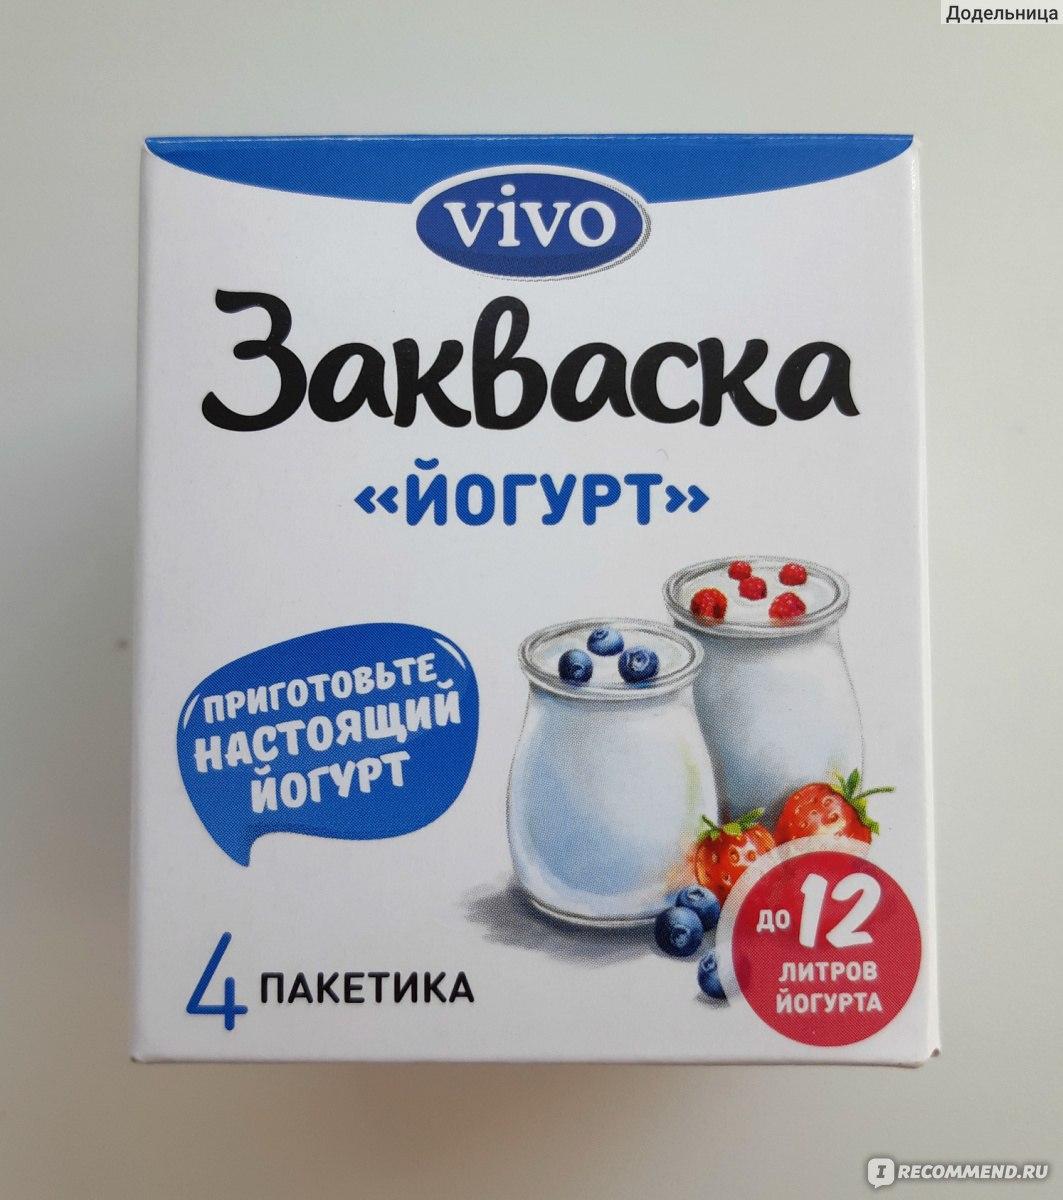 Йогурт домашний: состав, калорийность, польза, рецепты